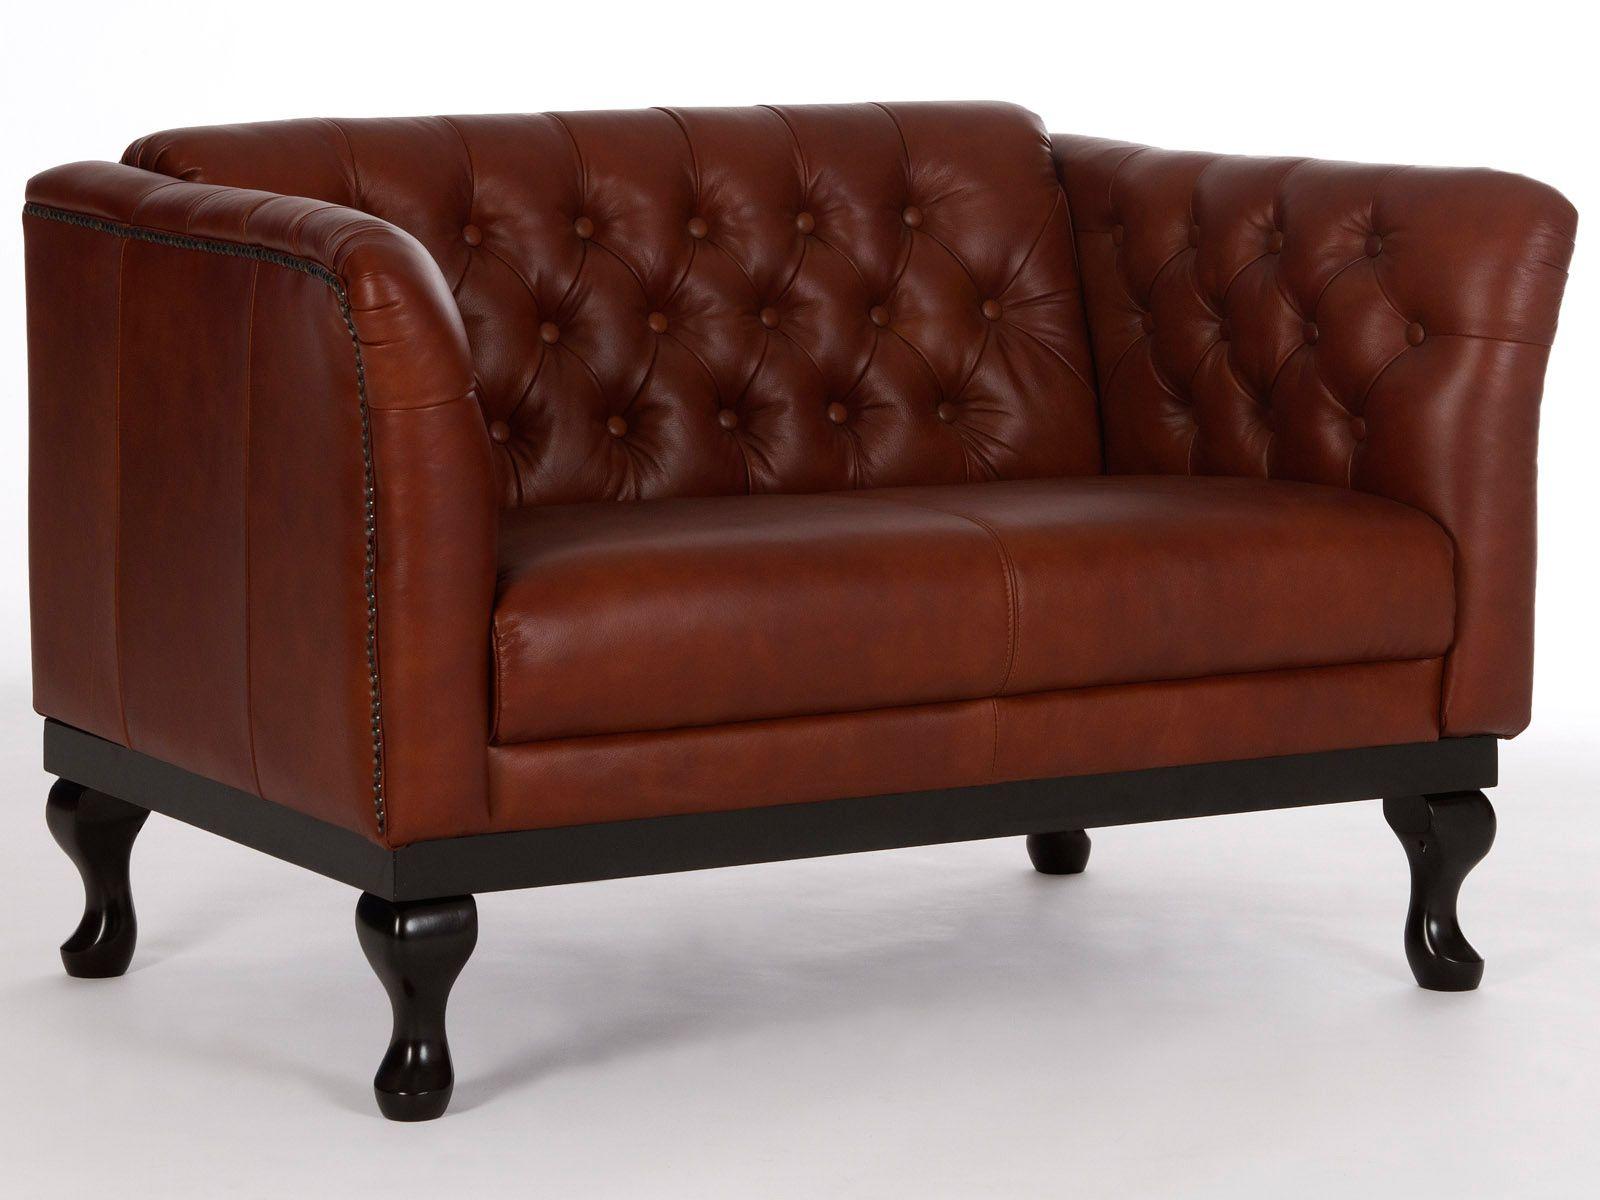 Sofa Chesterfield By Massivum Com Imagens Decoracao